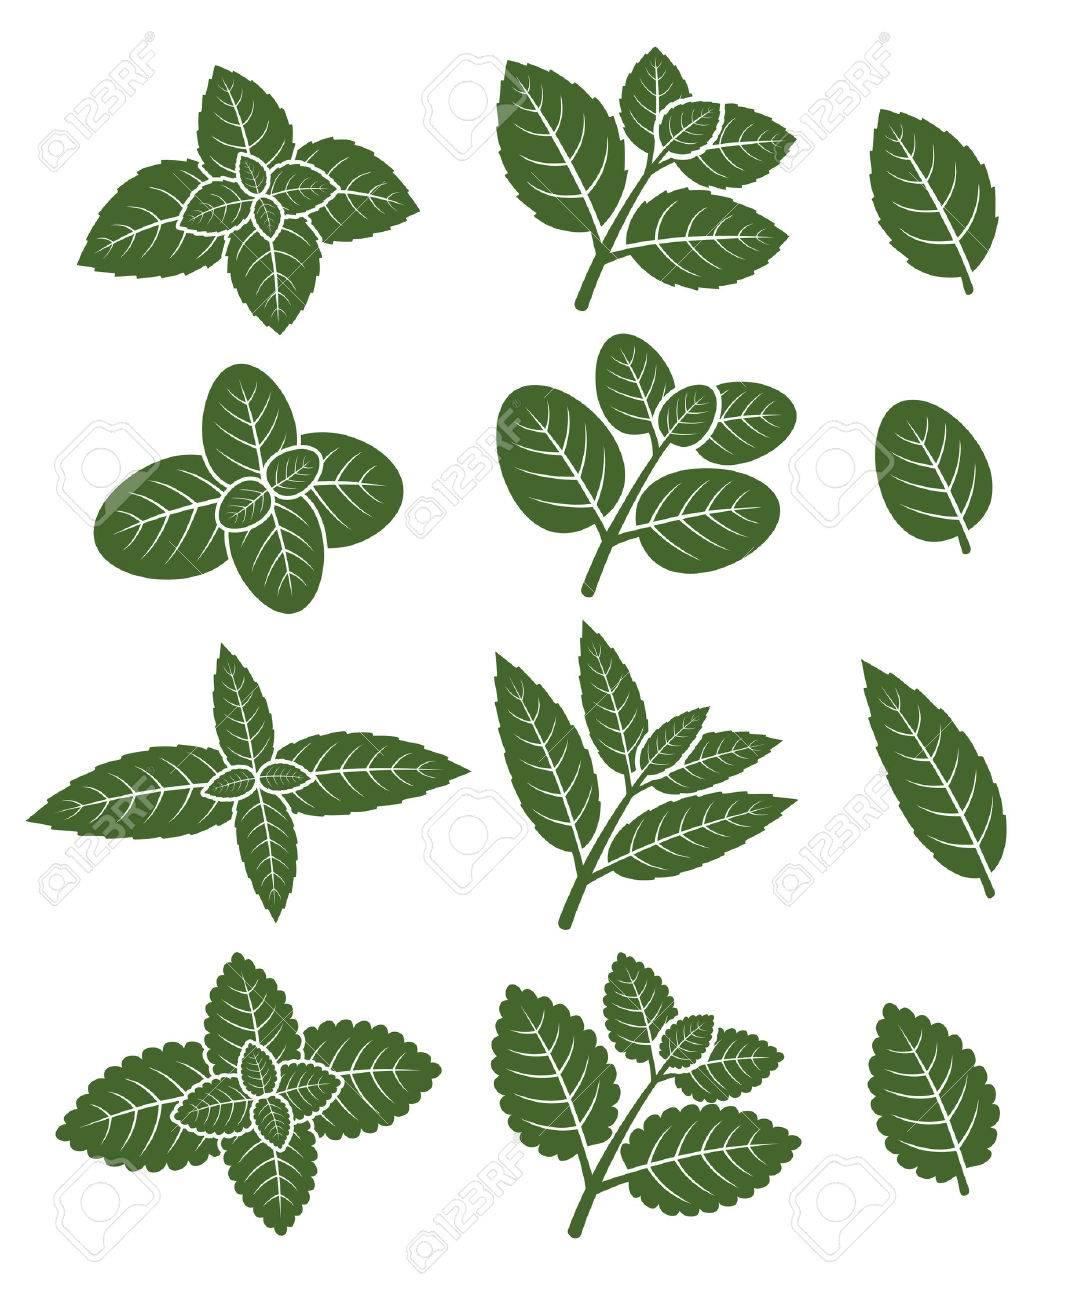 Mint leaves set. - 33001252